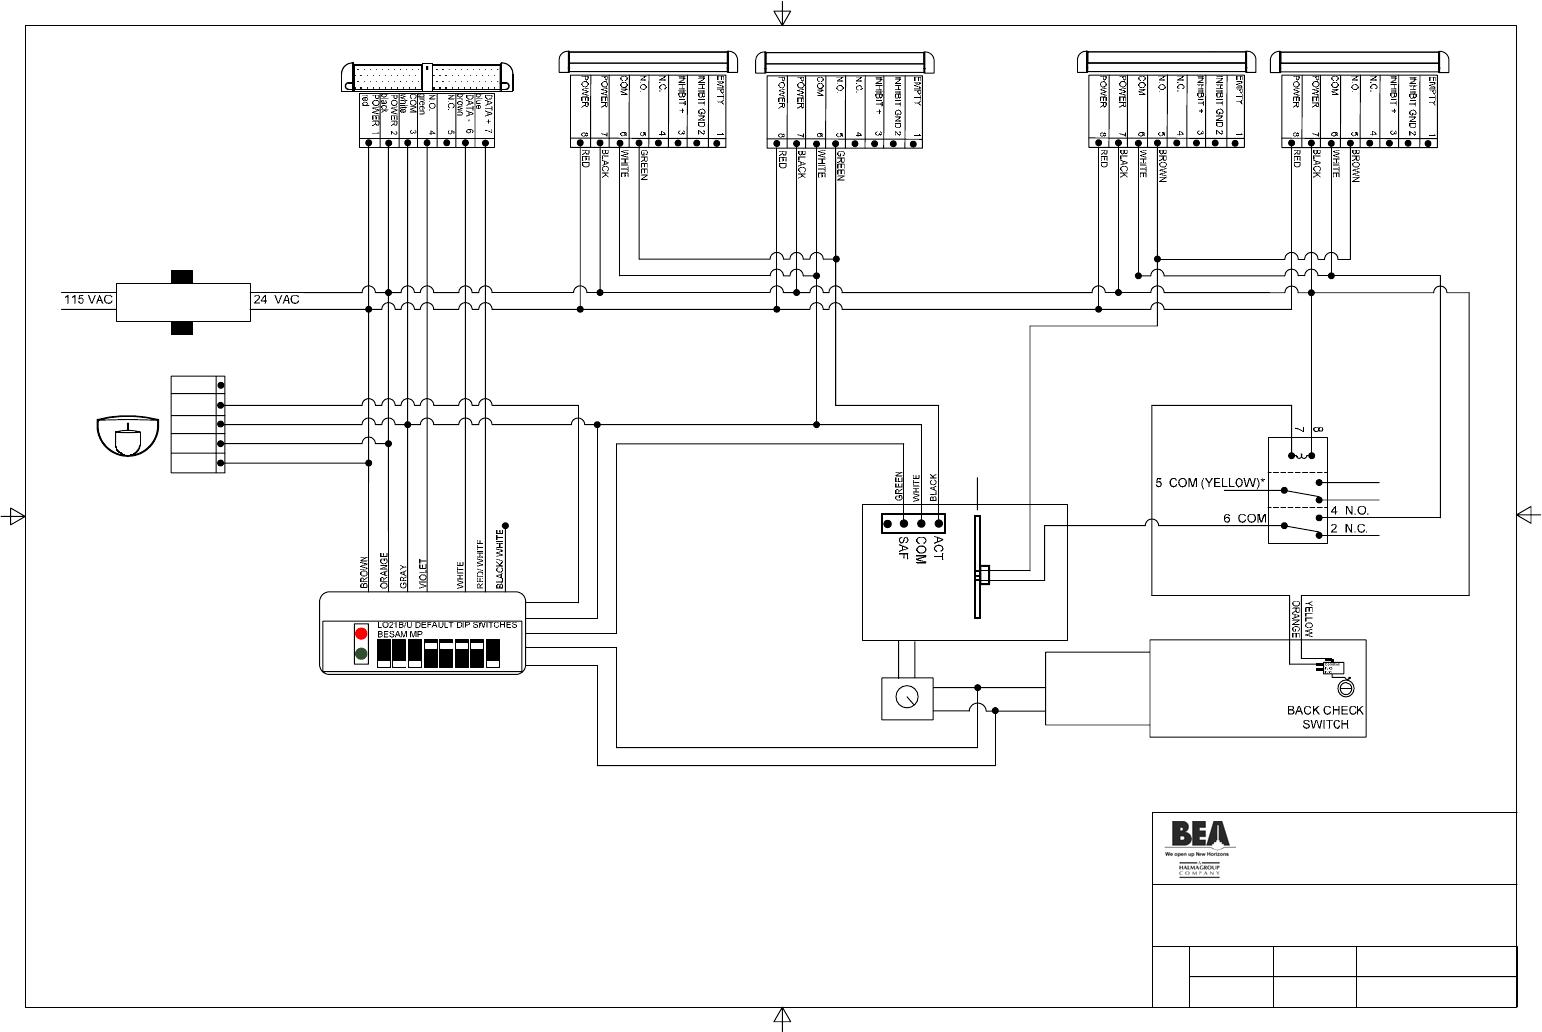 Horton 4100 Series Wiring Diagram - Wiring Diagram